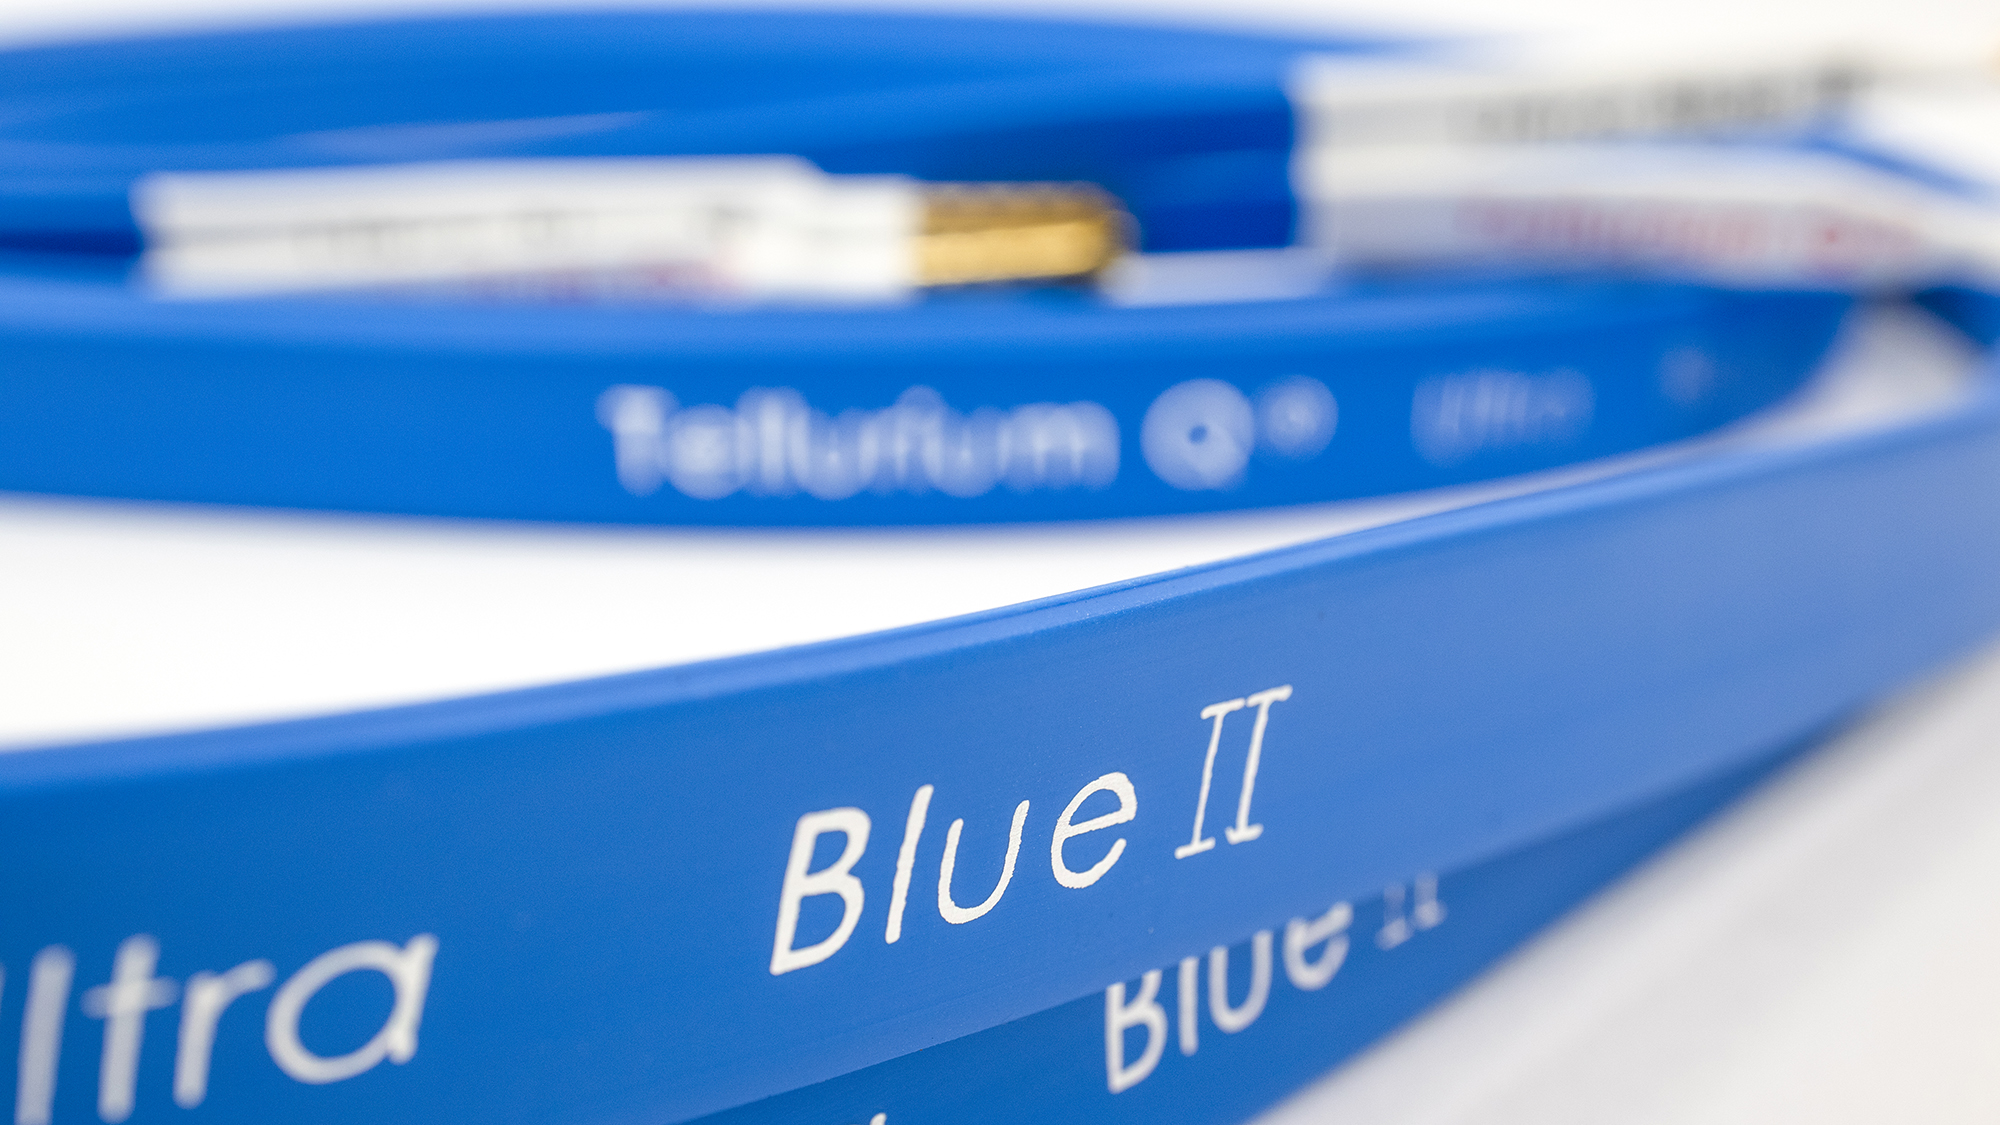 Ultra Blue IIスピーカーケーブル